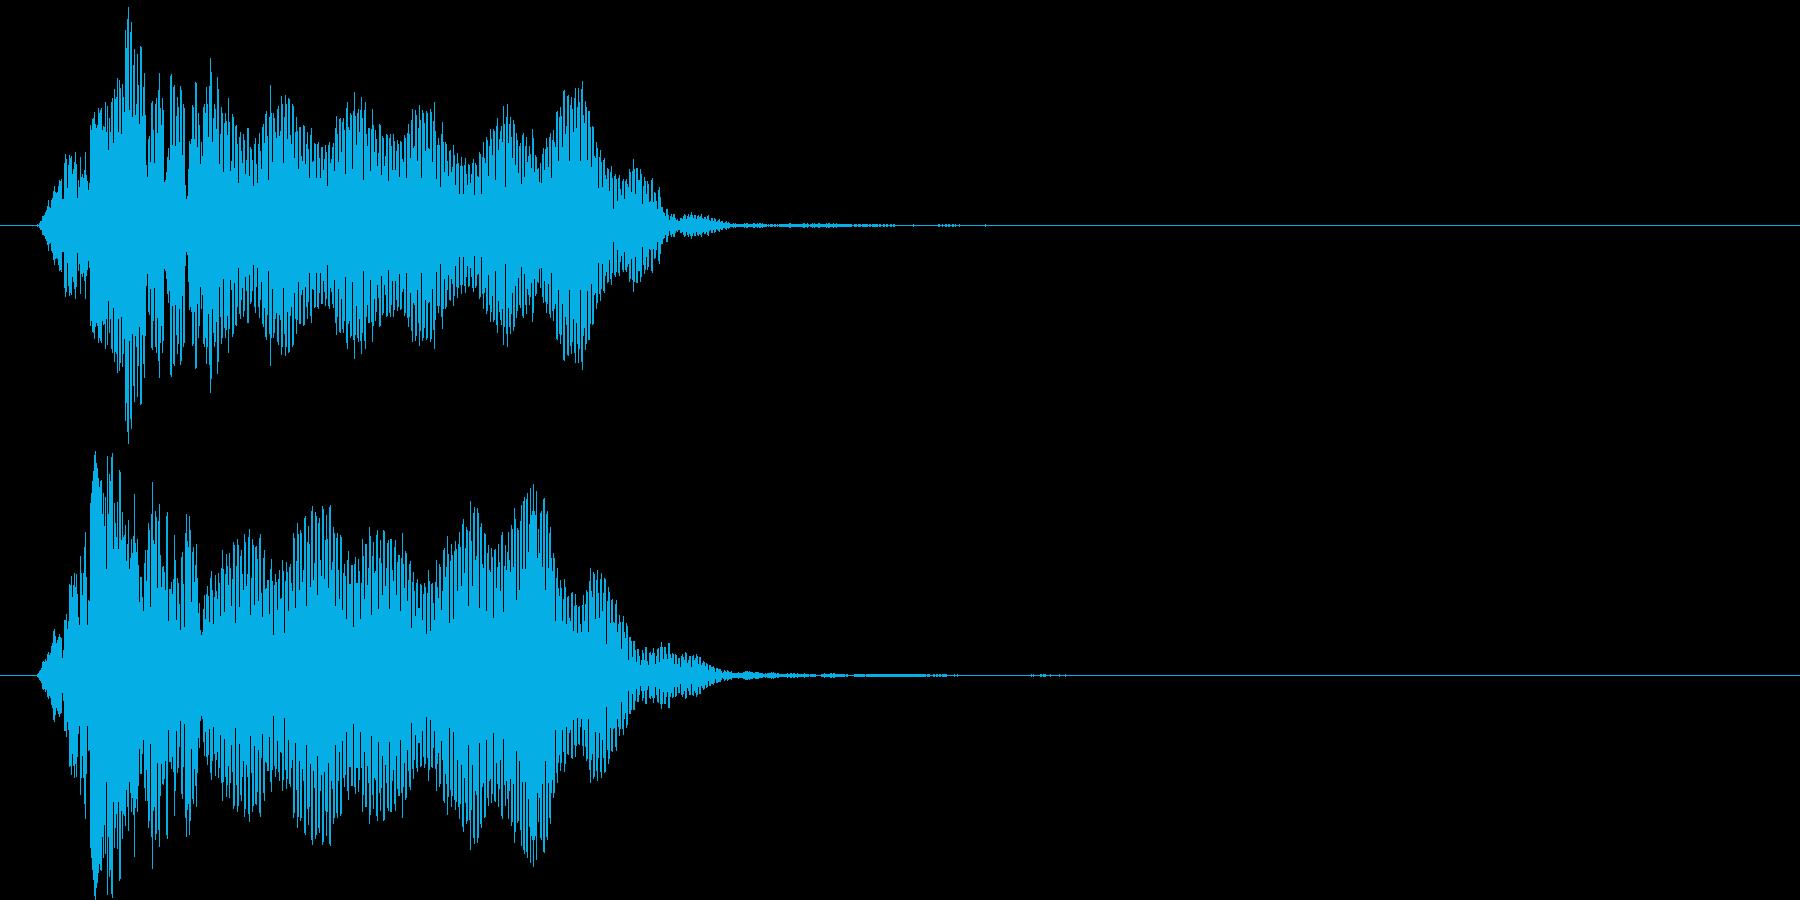 ビィーン(ビーム音)の再生済みの波形